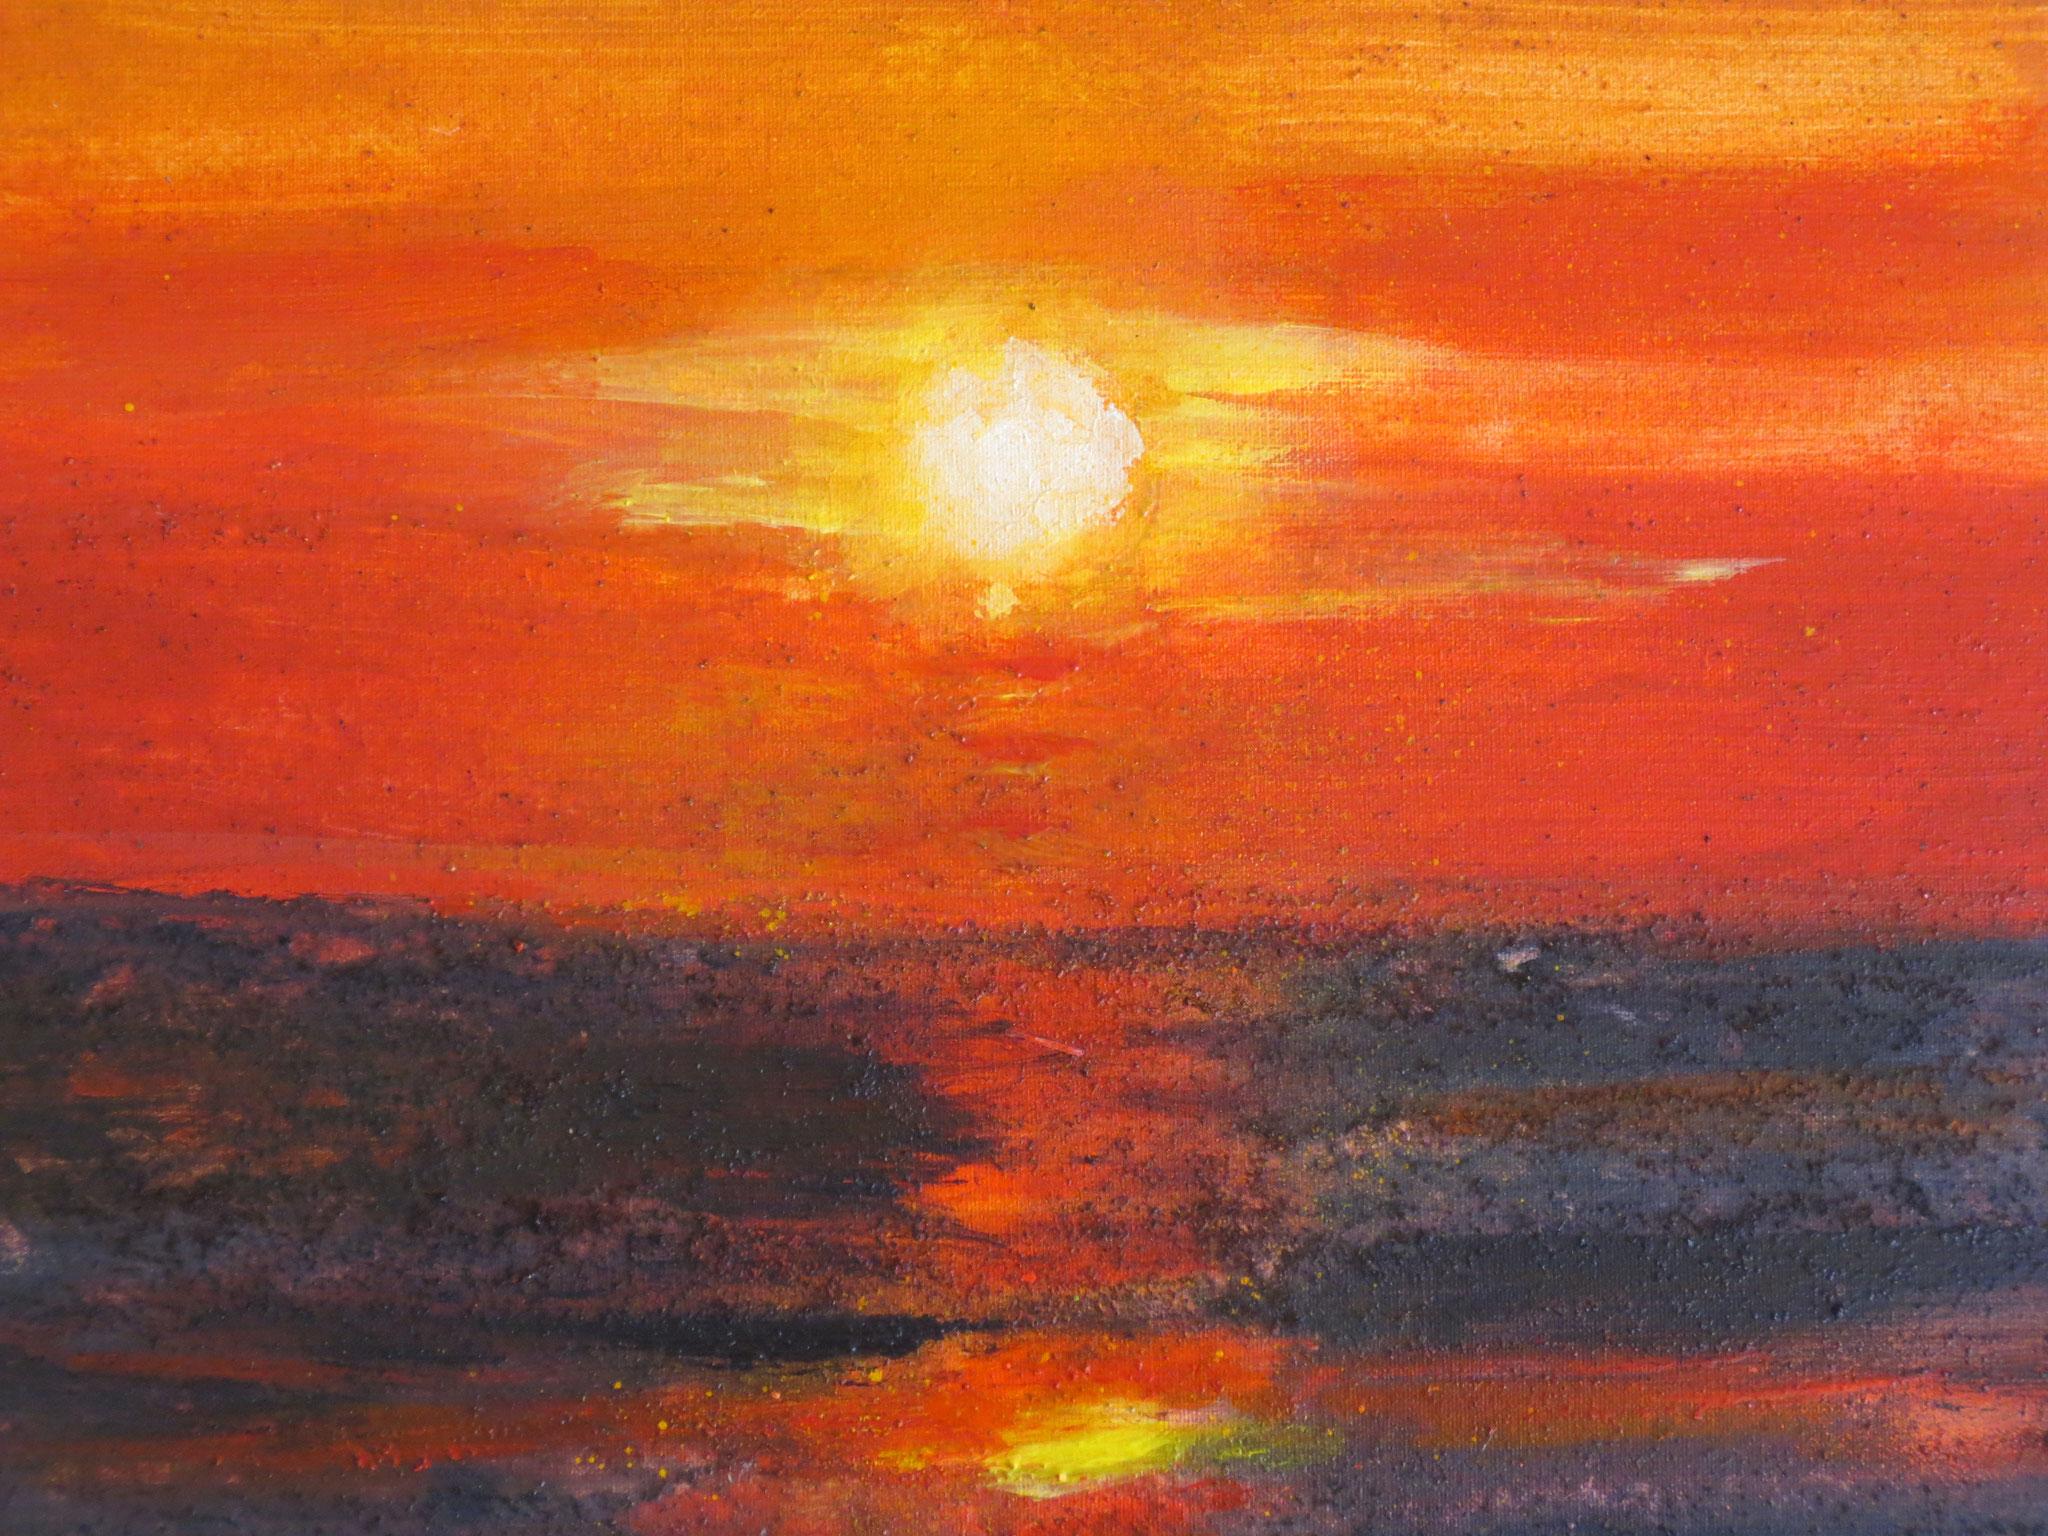 Die Sonne nimmt Abschied (30 x 30, Rotwein, Kaffee, Safran)